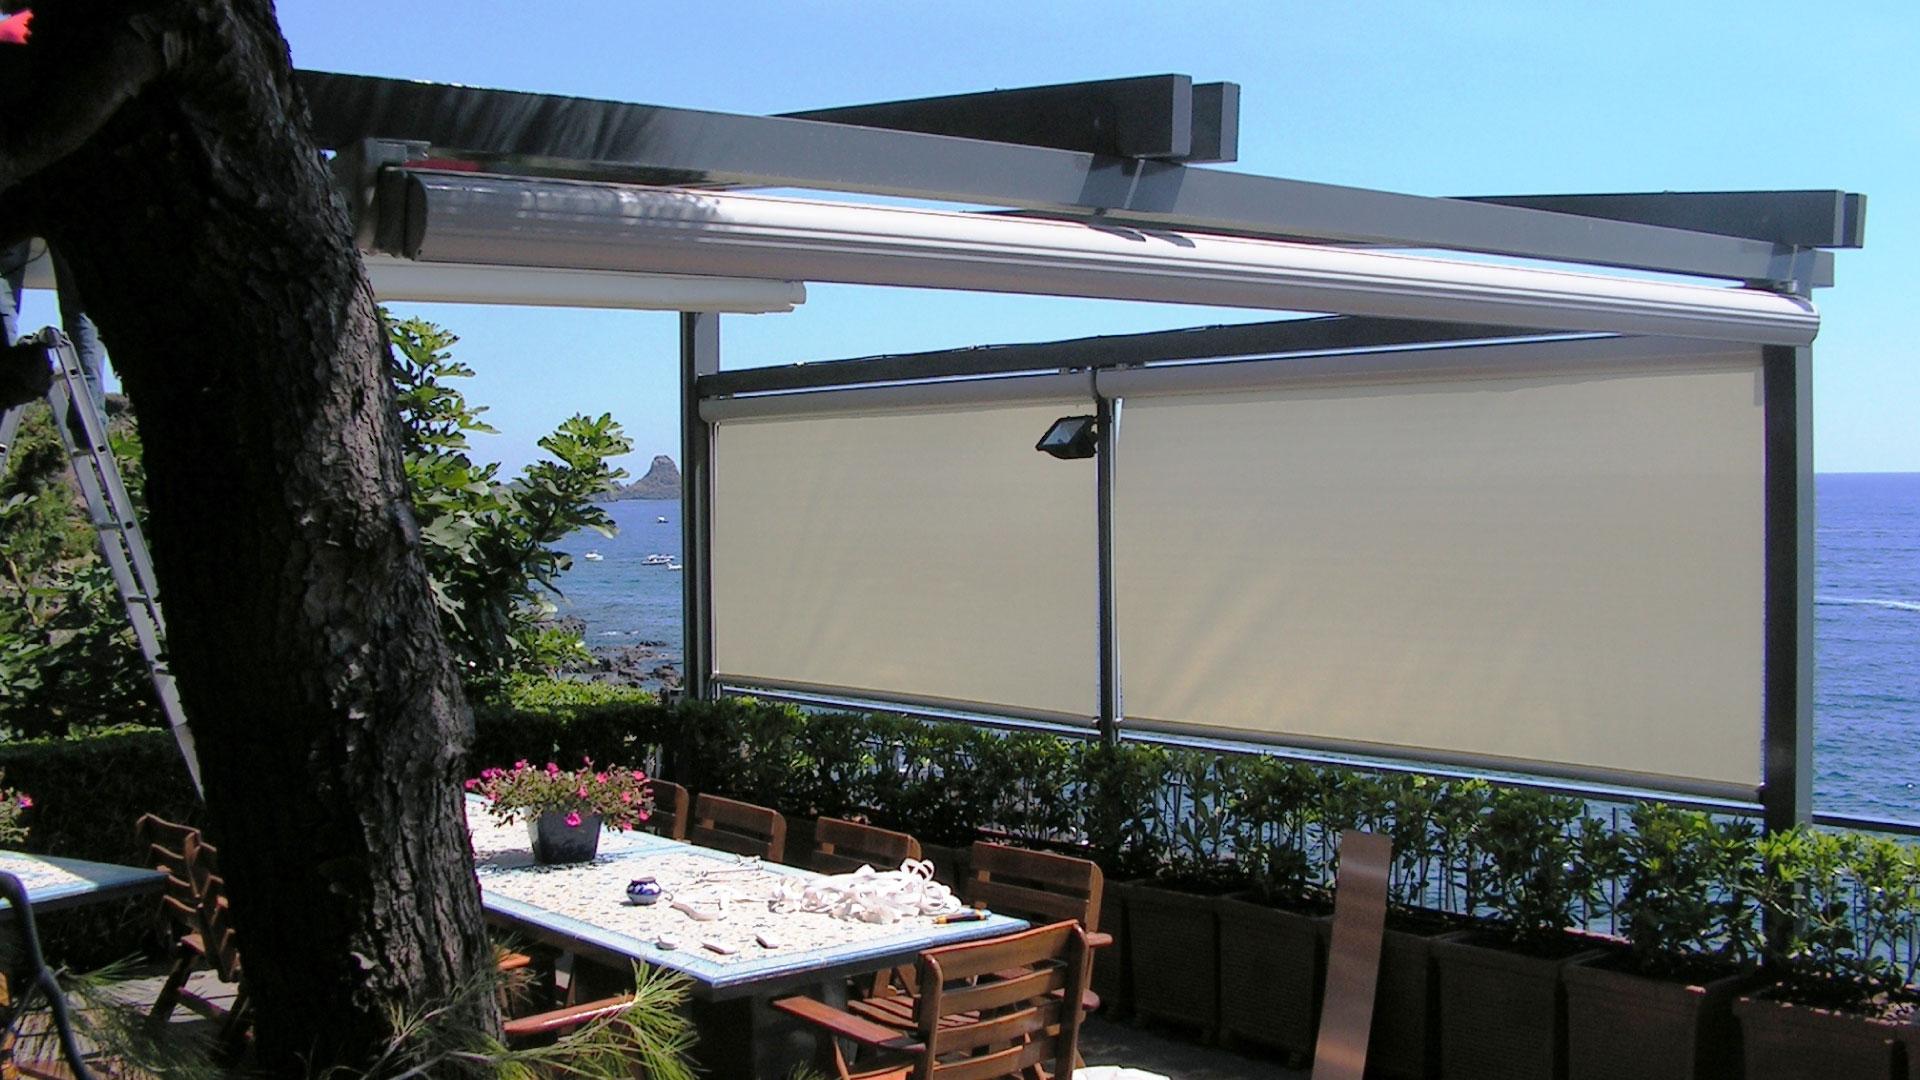 Tende Coperture Per Esterni.Tende Da Sole Per Giardini E Terrazzi Catania Mondial Tenda